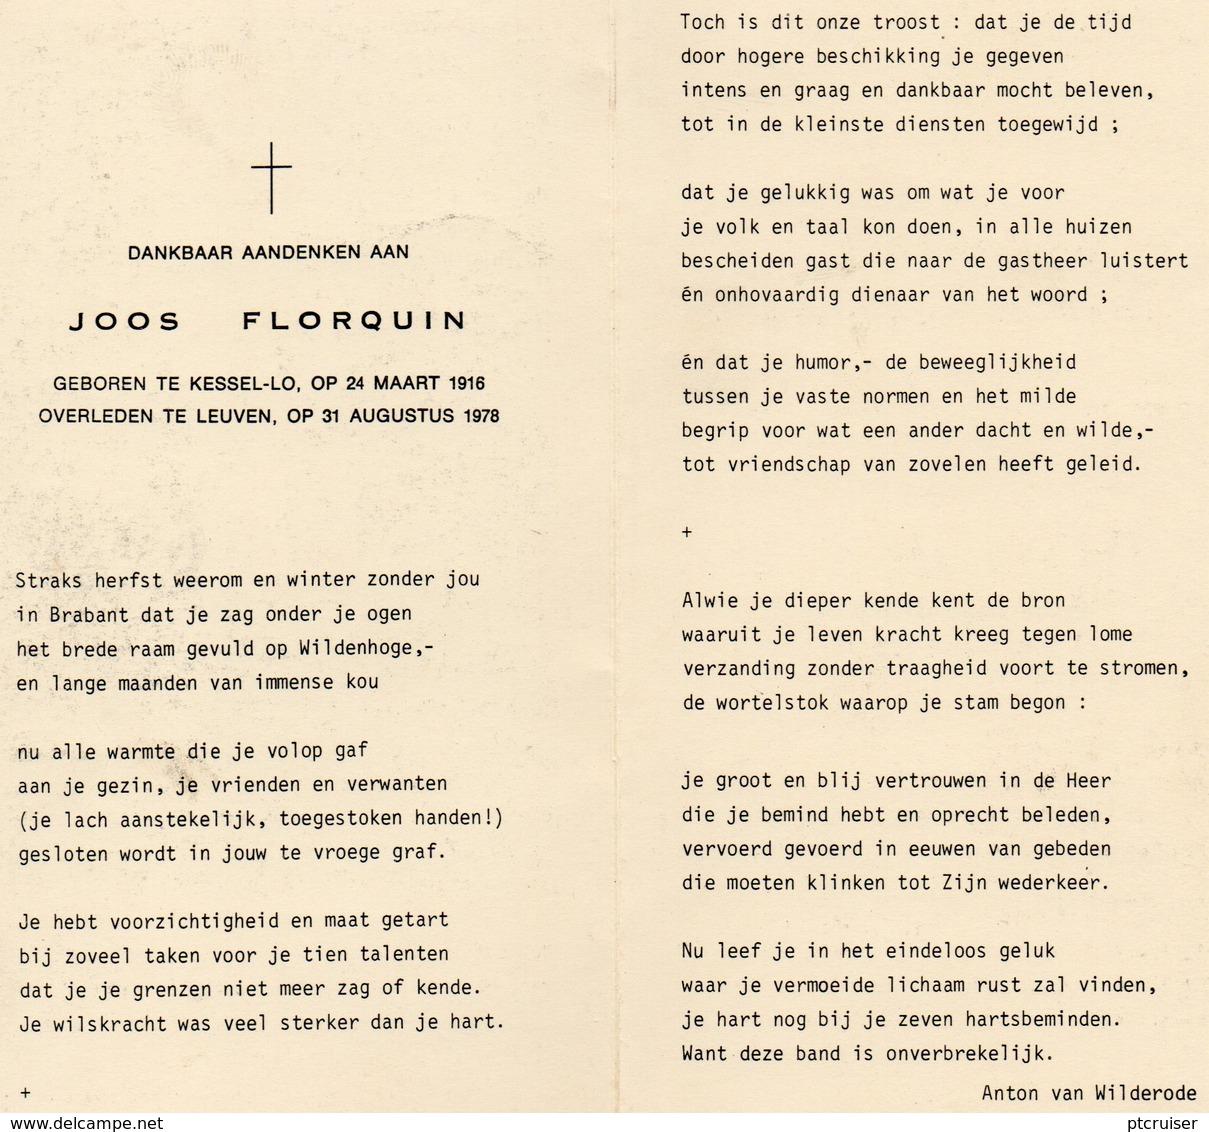 JOOS FLORQUIN KESSEL-LO LEUVEN - Otras Colecciones